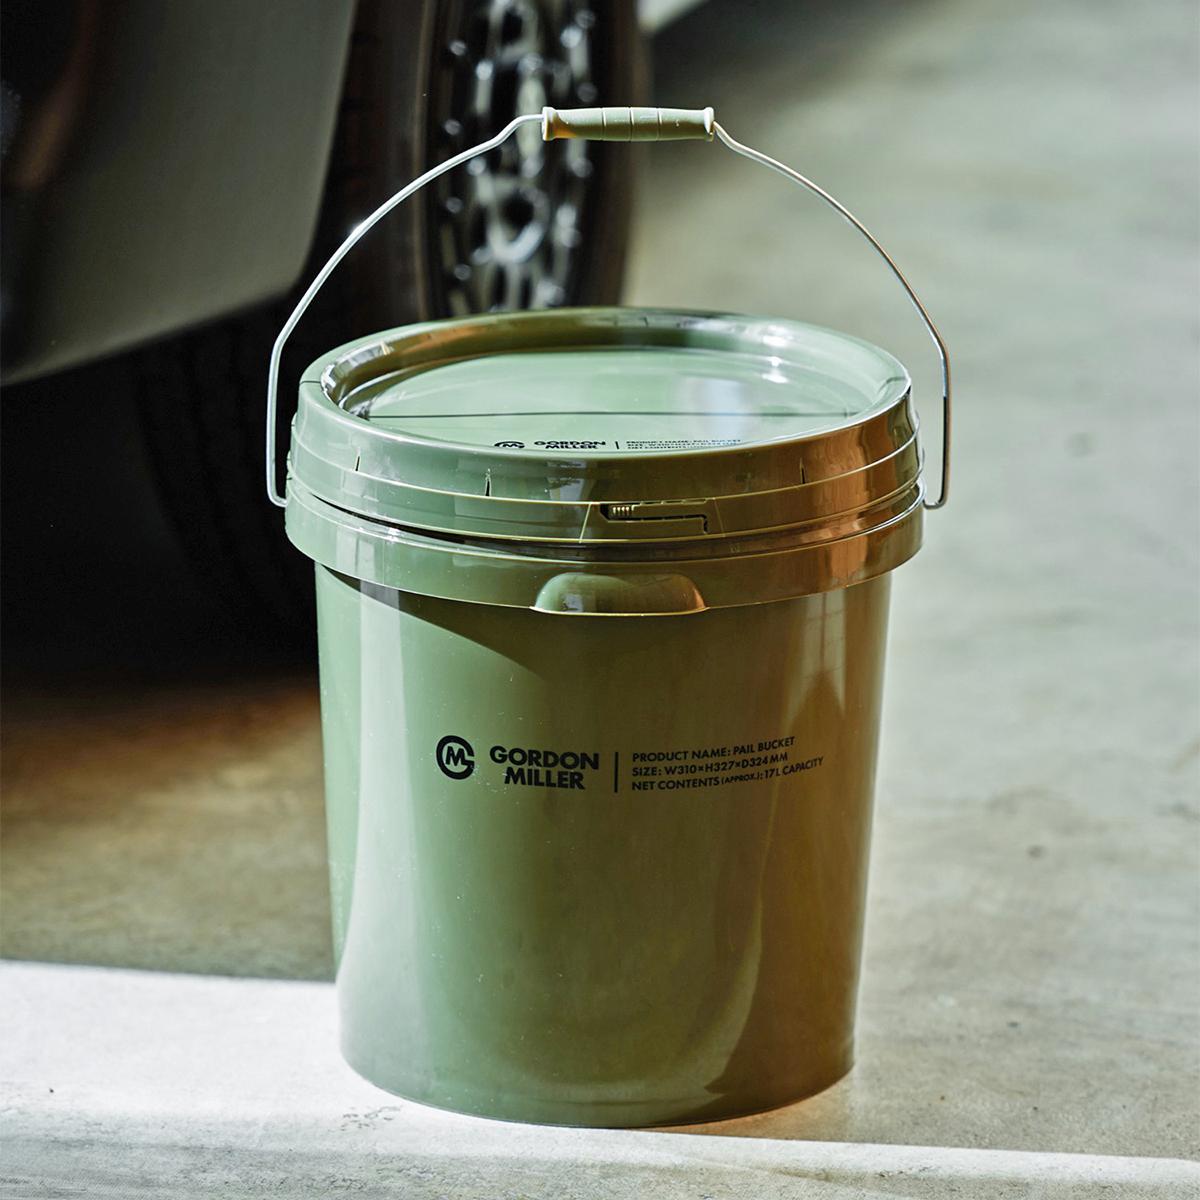 まるで掃除道具に見えないオシャレでスタイリッシュなデザイン。車用品のオートバックスから生まれたプロ仕様。スタイリッシュでオシャレな気分が上がる掃除道具。カー用品のオートバックスから生まれた『GORDON MILLER』(ゴードンミラー)